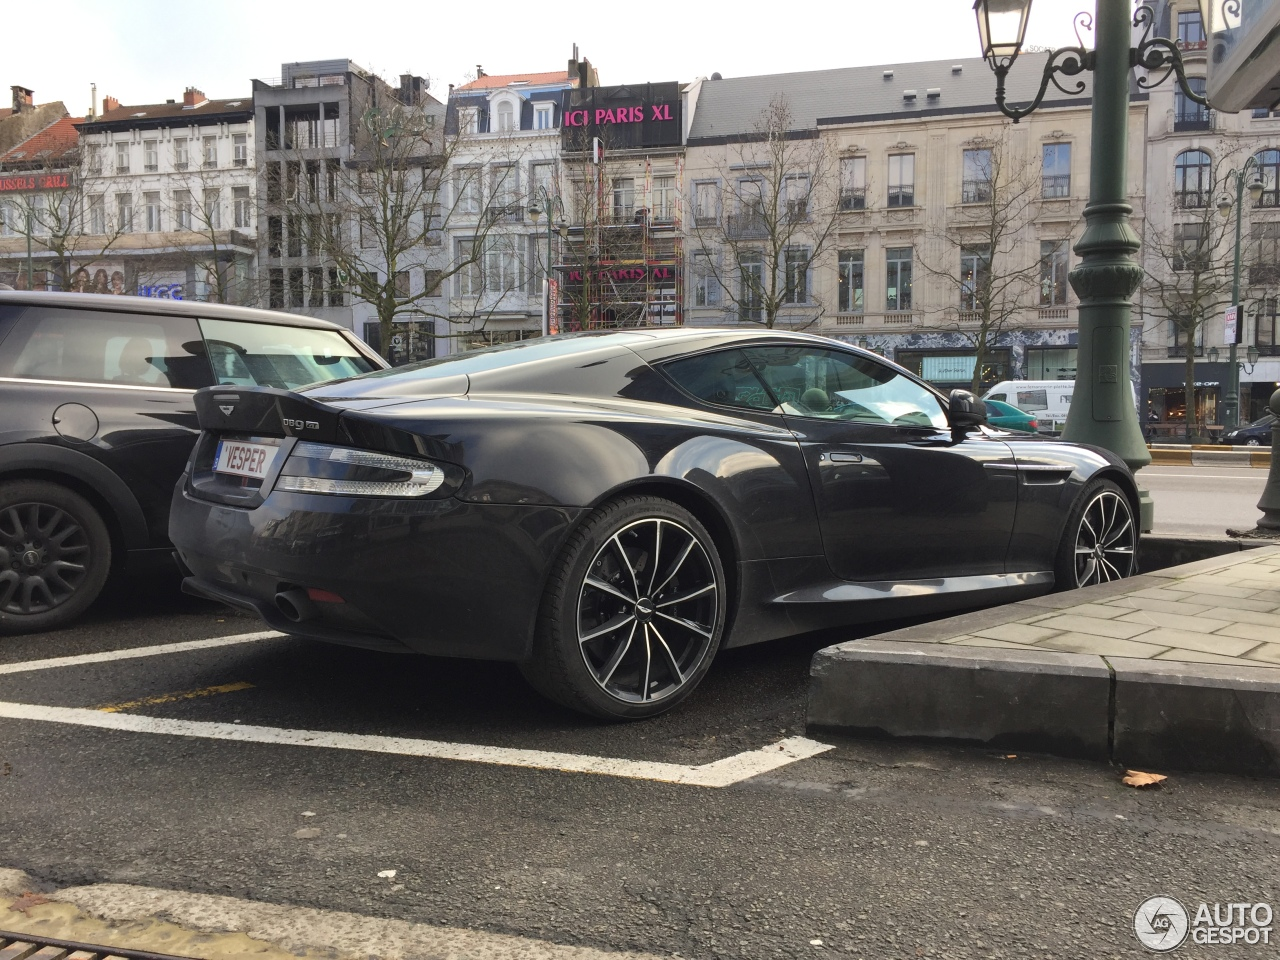 Aston Martin Db9 Gt 2016 16 Januar 2017 Autogespot